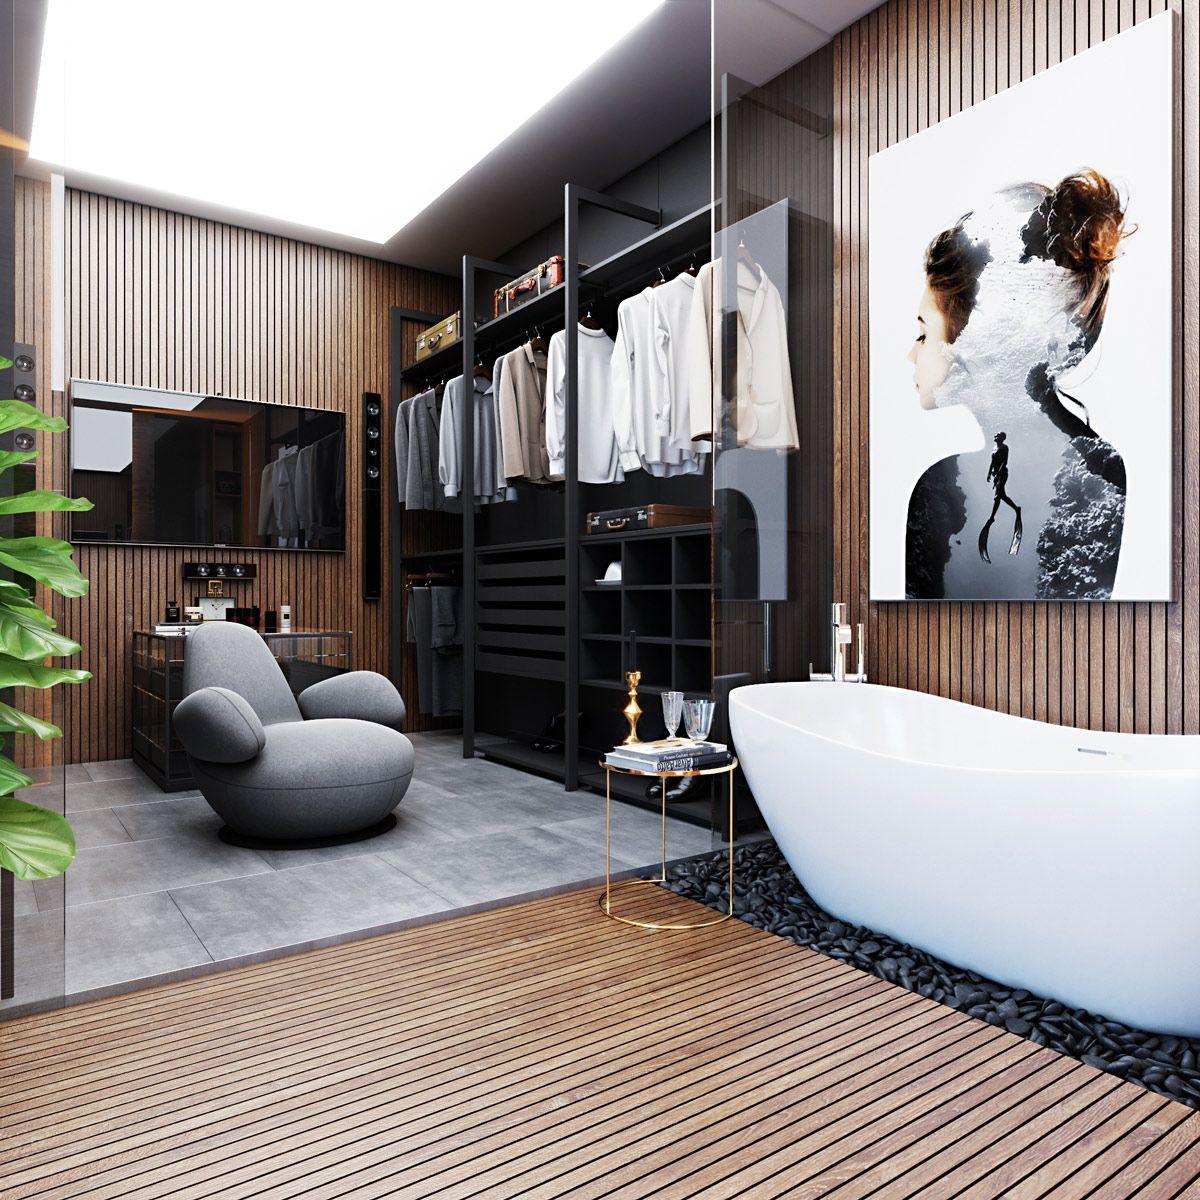 Wohndesign für kleines schlafzimmer wunderschön einzigartige badezimmer designs  badezimmer ideen